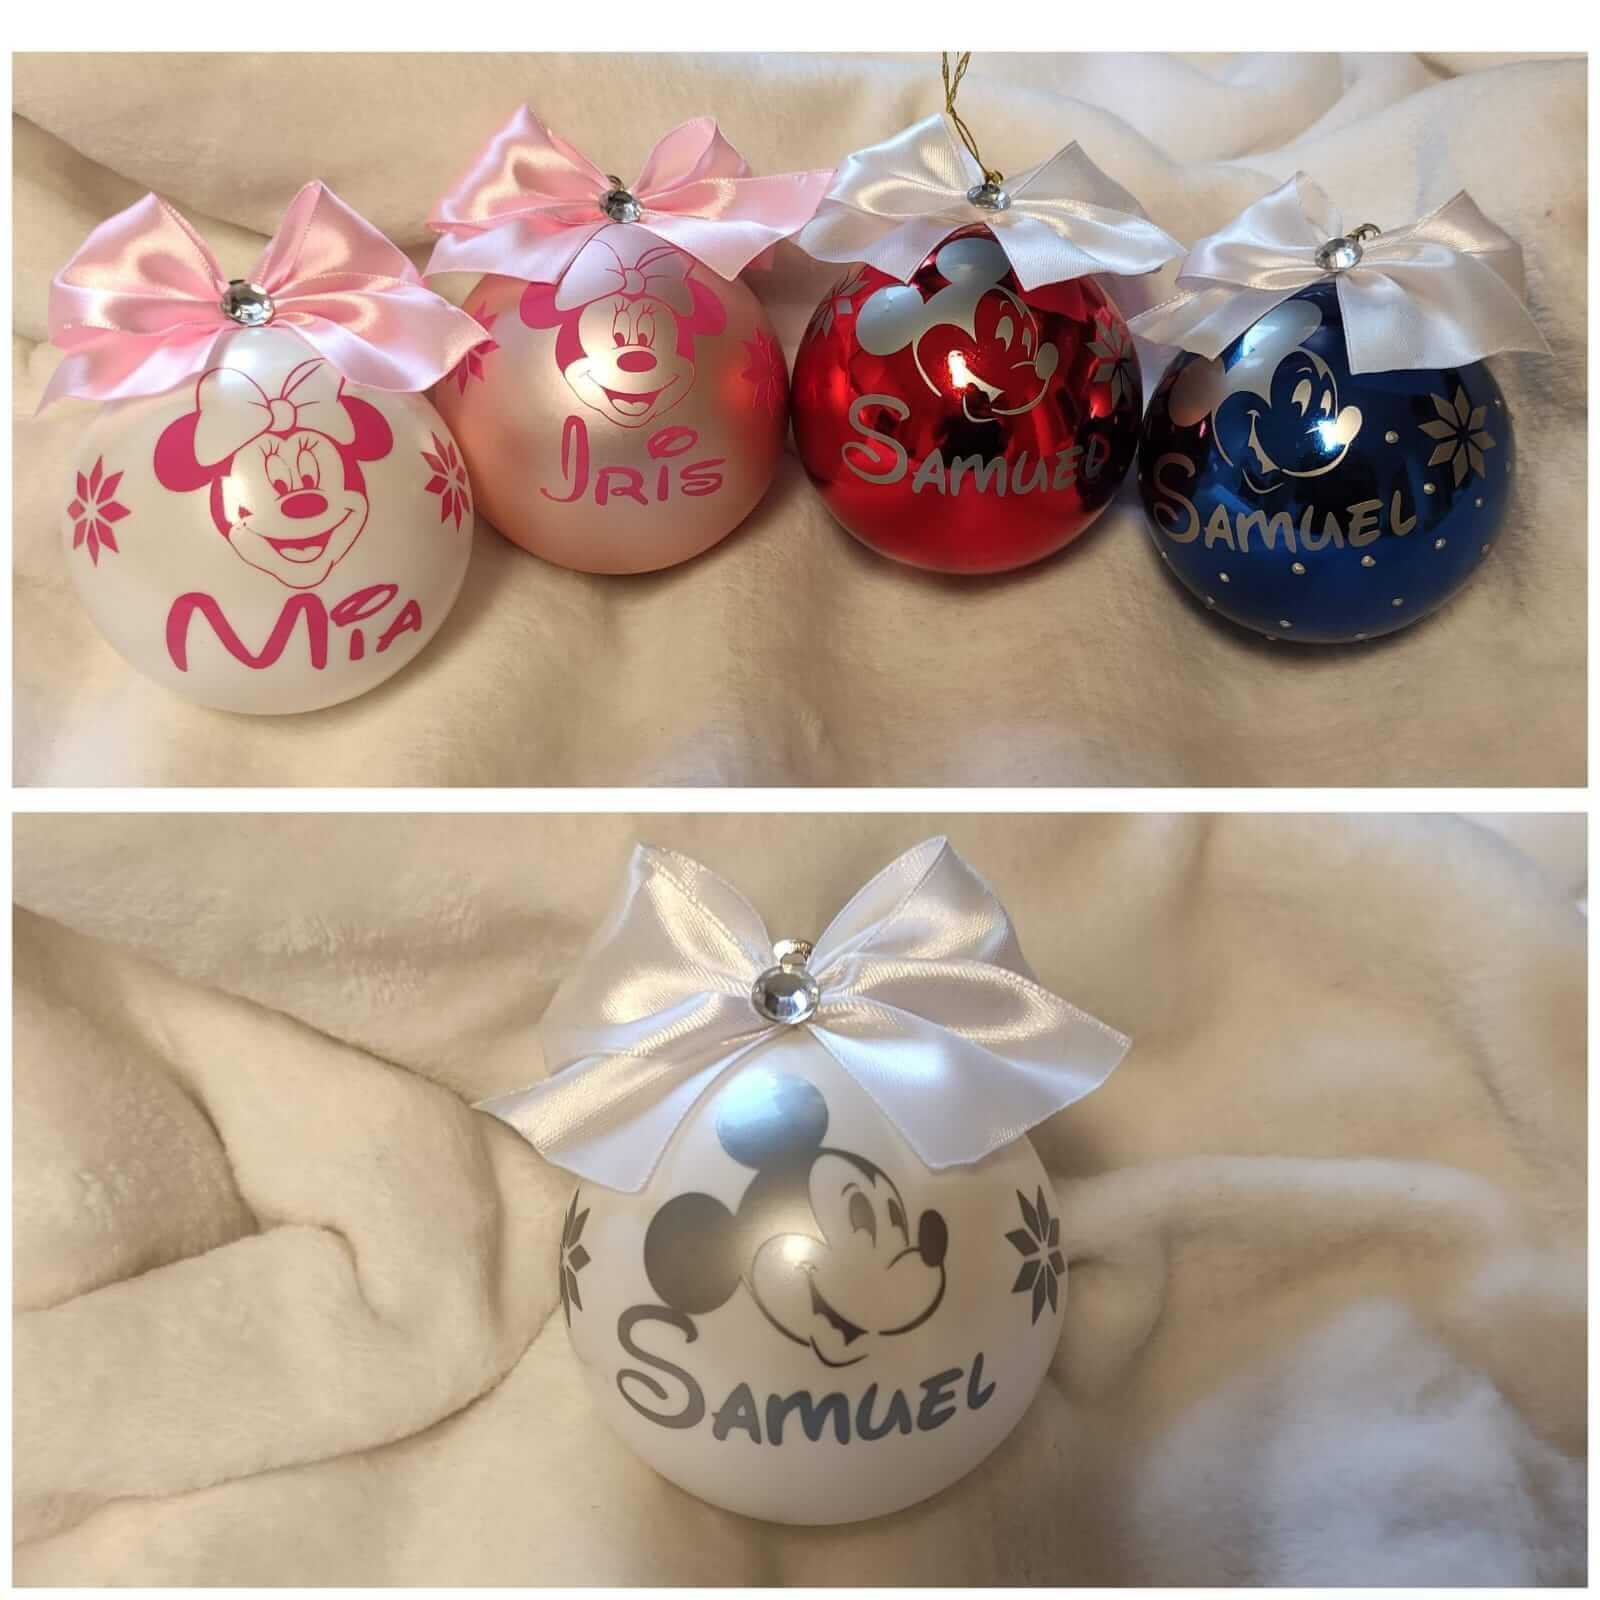 bolas de navidad personalizadas bolas navideñas bola de navidad